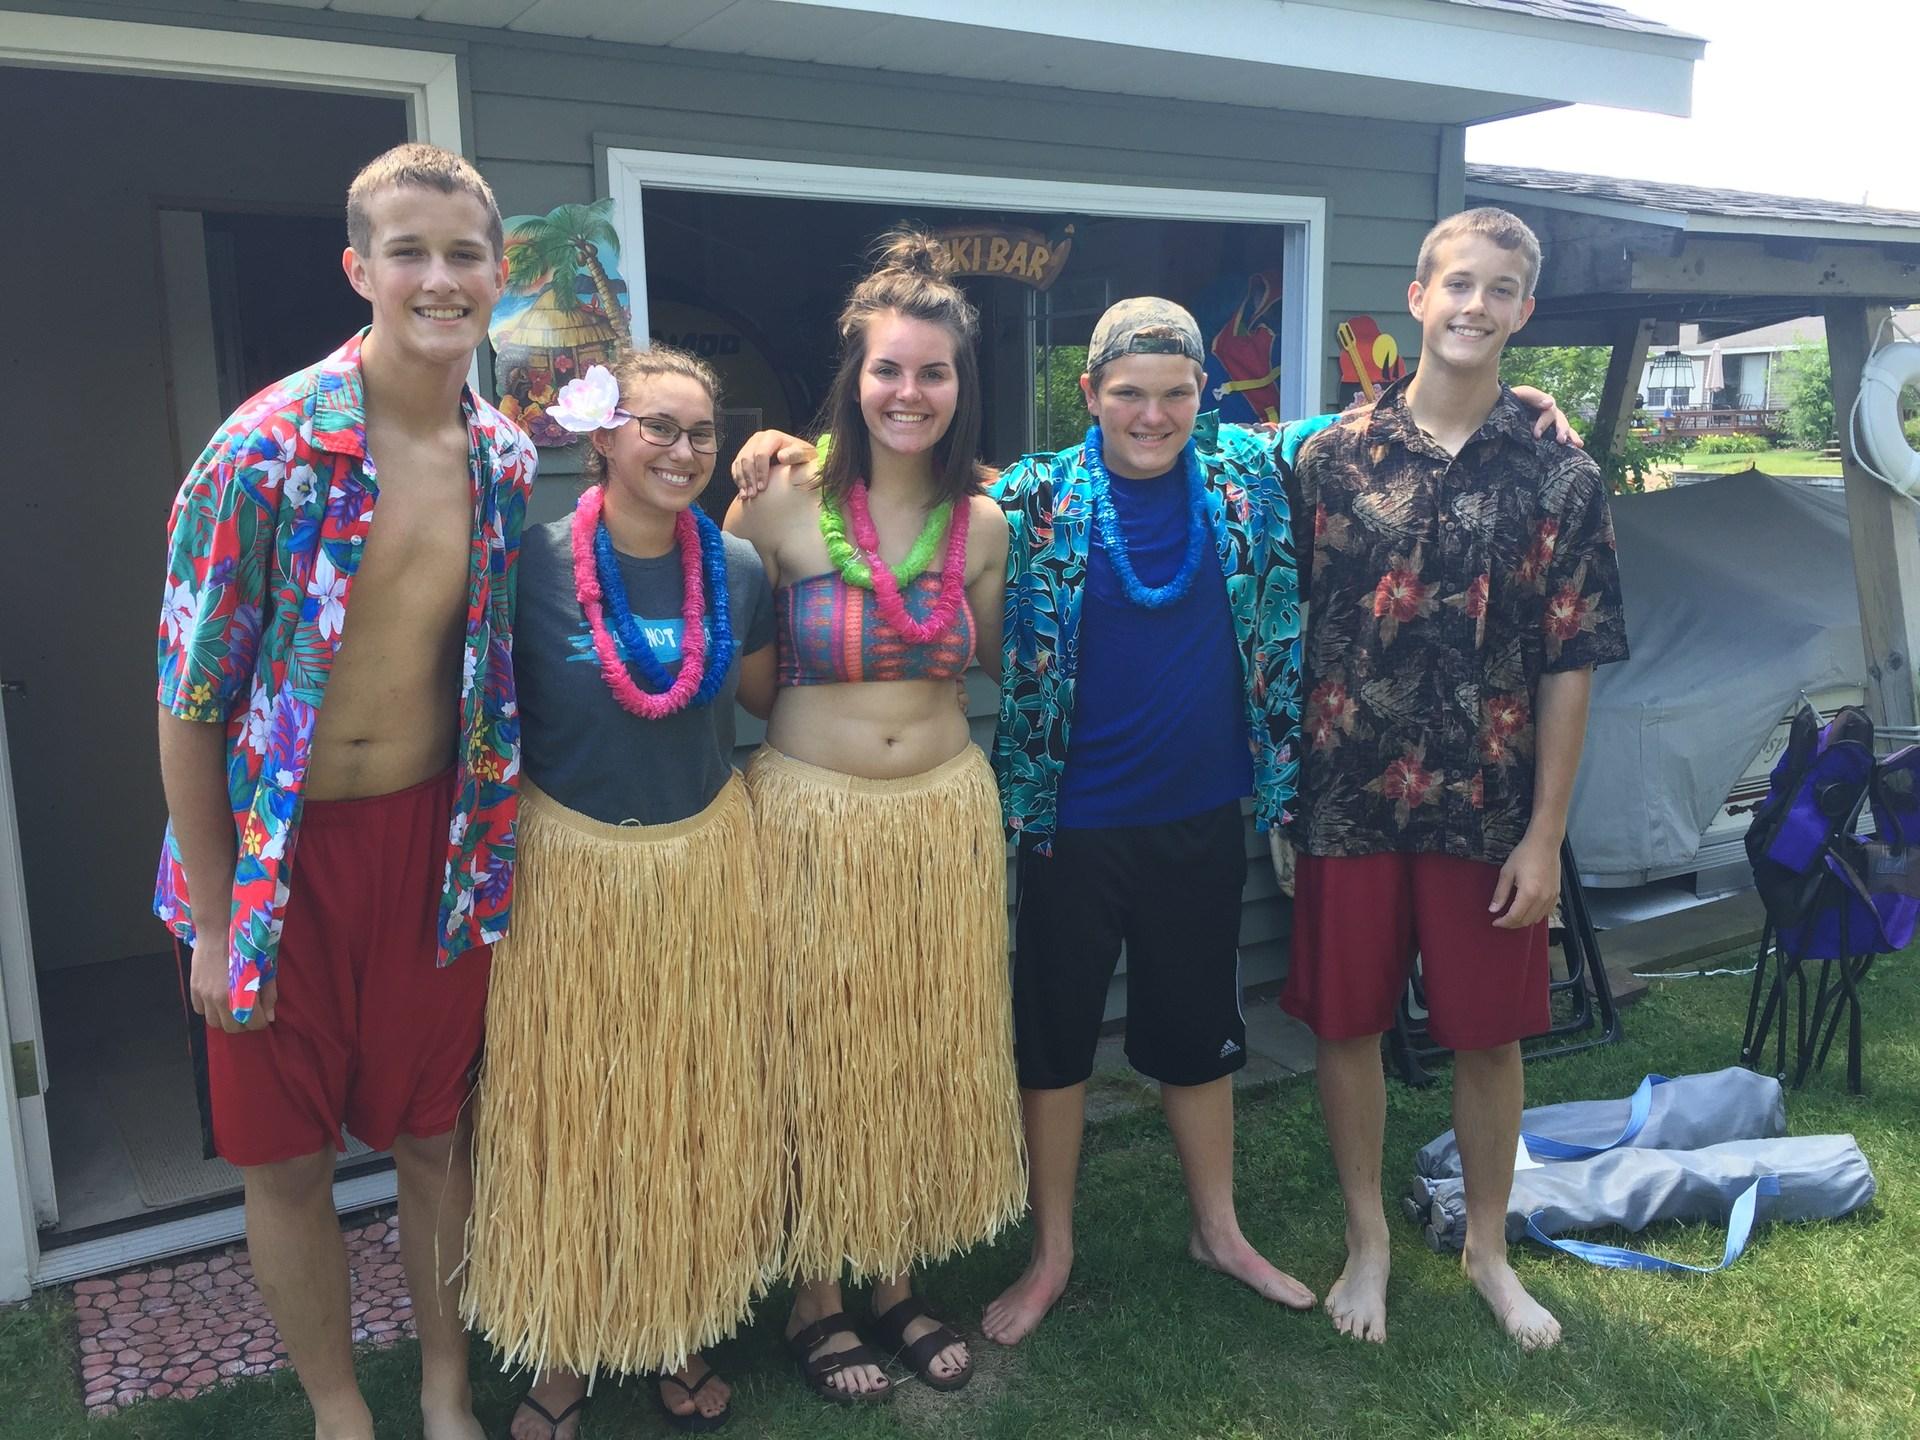 Nieces and nephews at Gun Lake cottage.